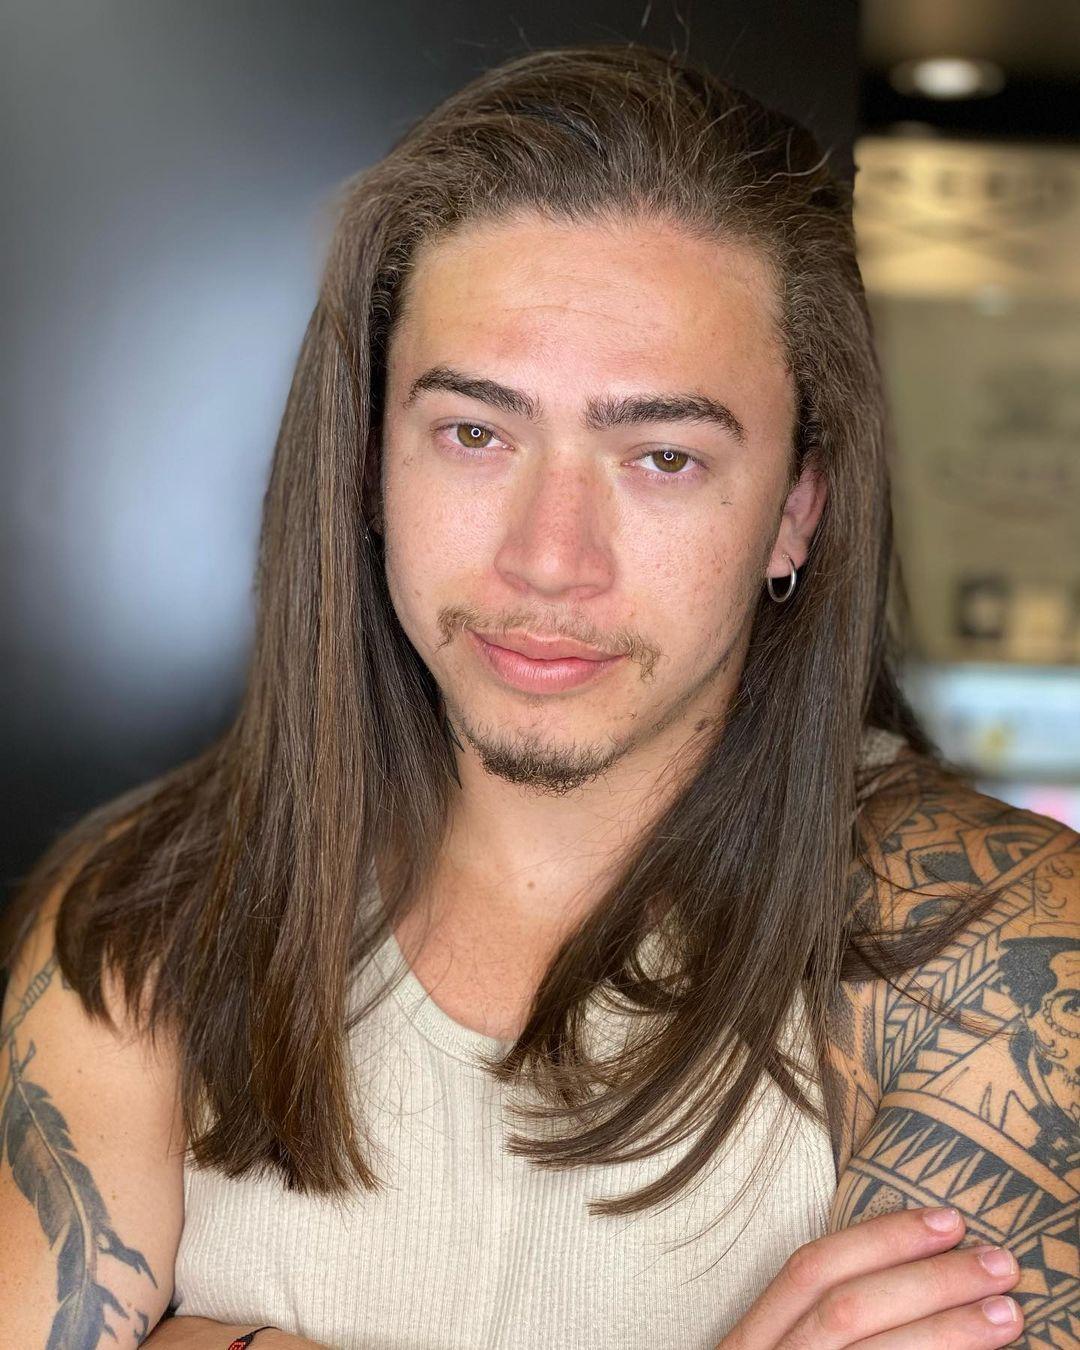 Imagem mostra rosto do cantor Whindersson Nunes, que tem música gospel